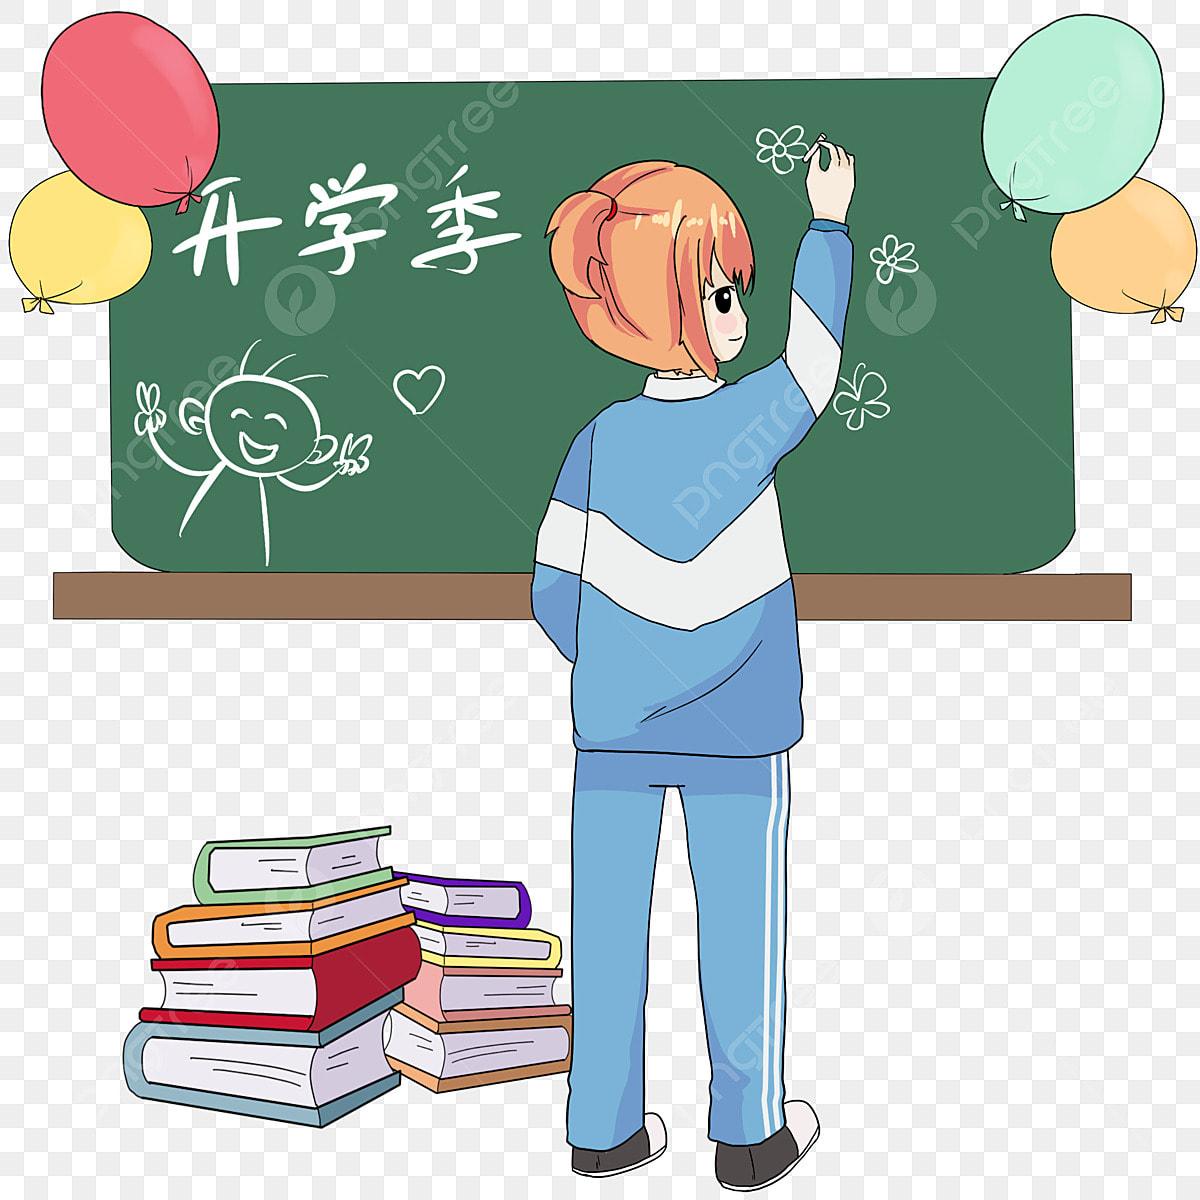 فصل دراسي جديد الموسم الدراسي طالب الرسم ابتداء من المدرسة, بالون, كتاب,  المثال التوضيحي PNG وملف PSD للتحميل مجانا